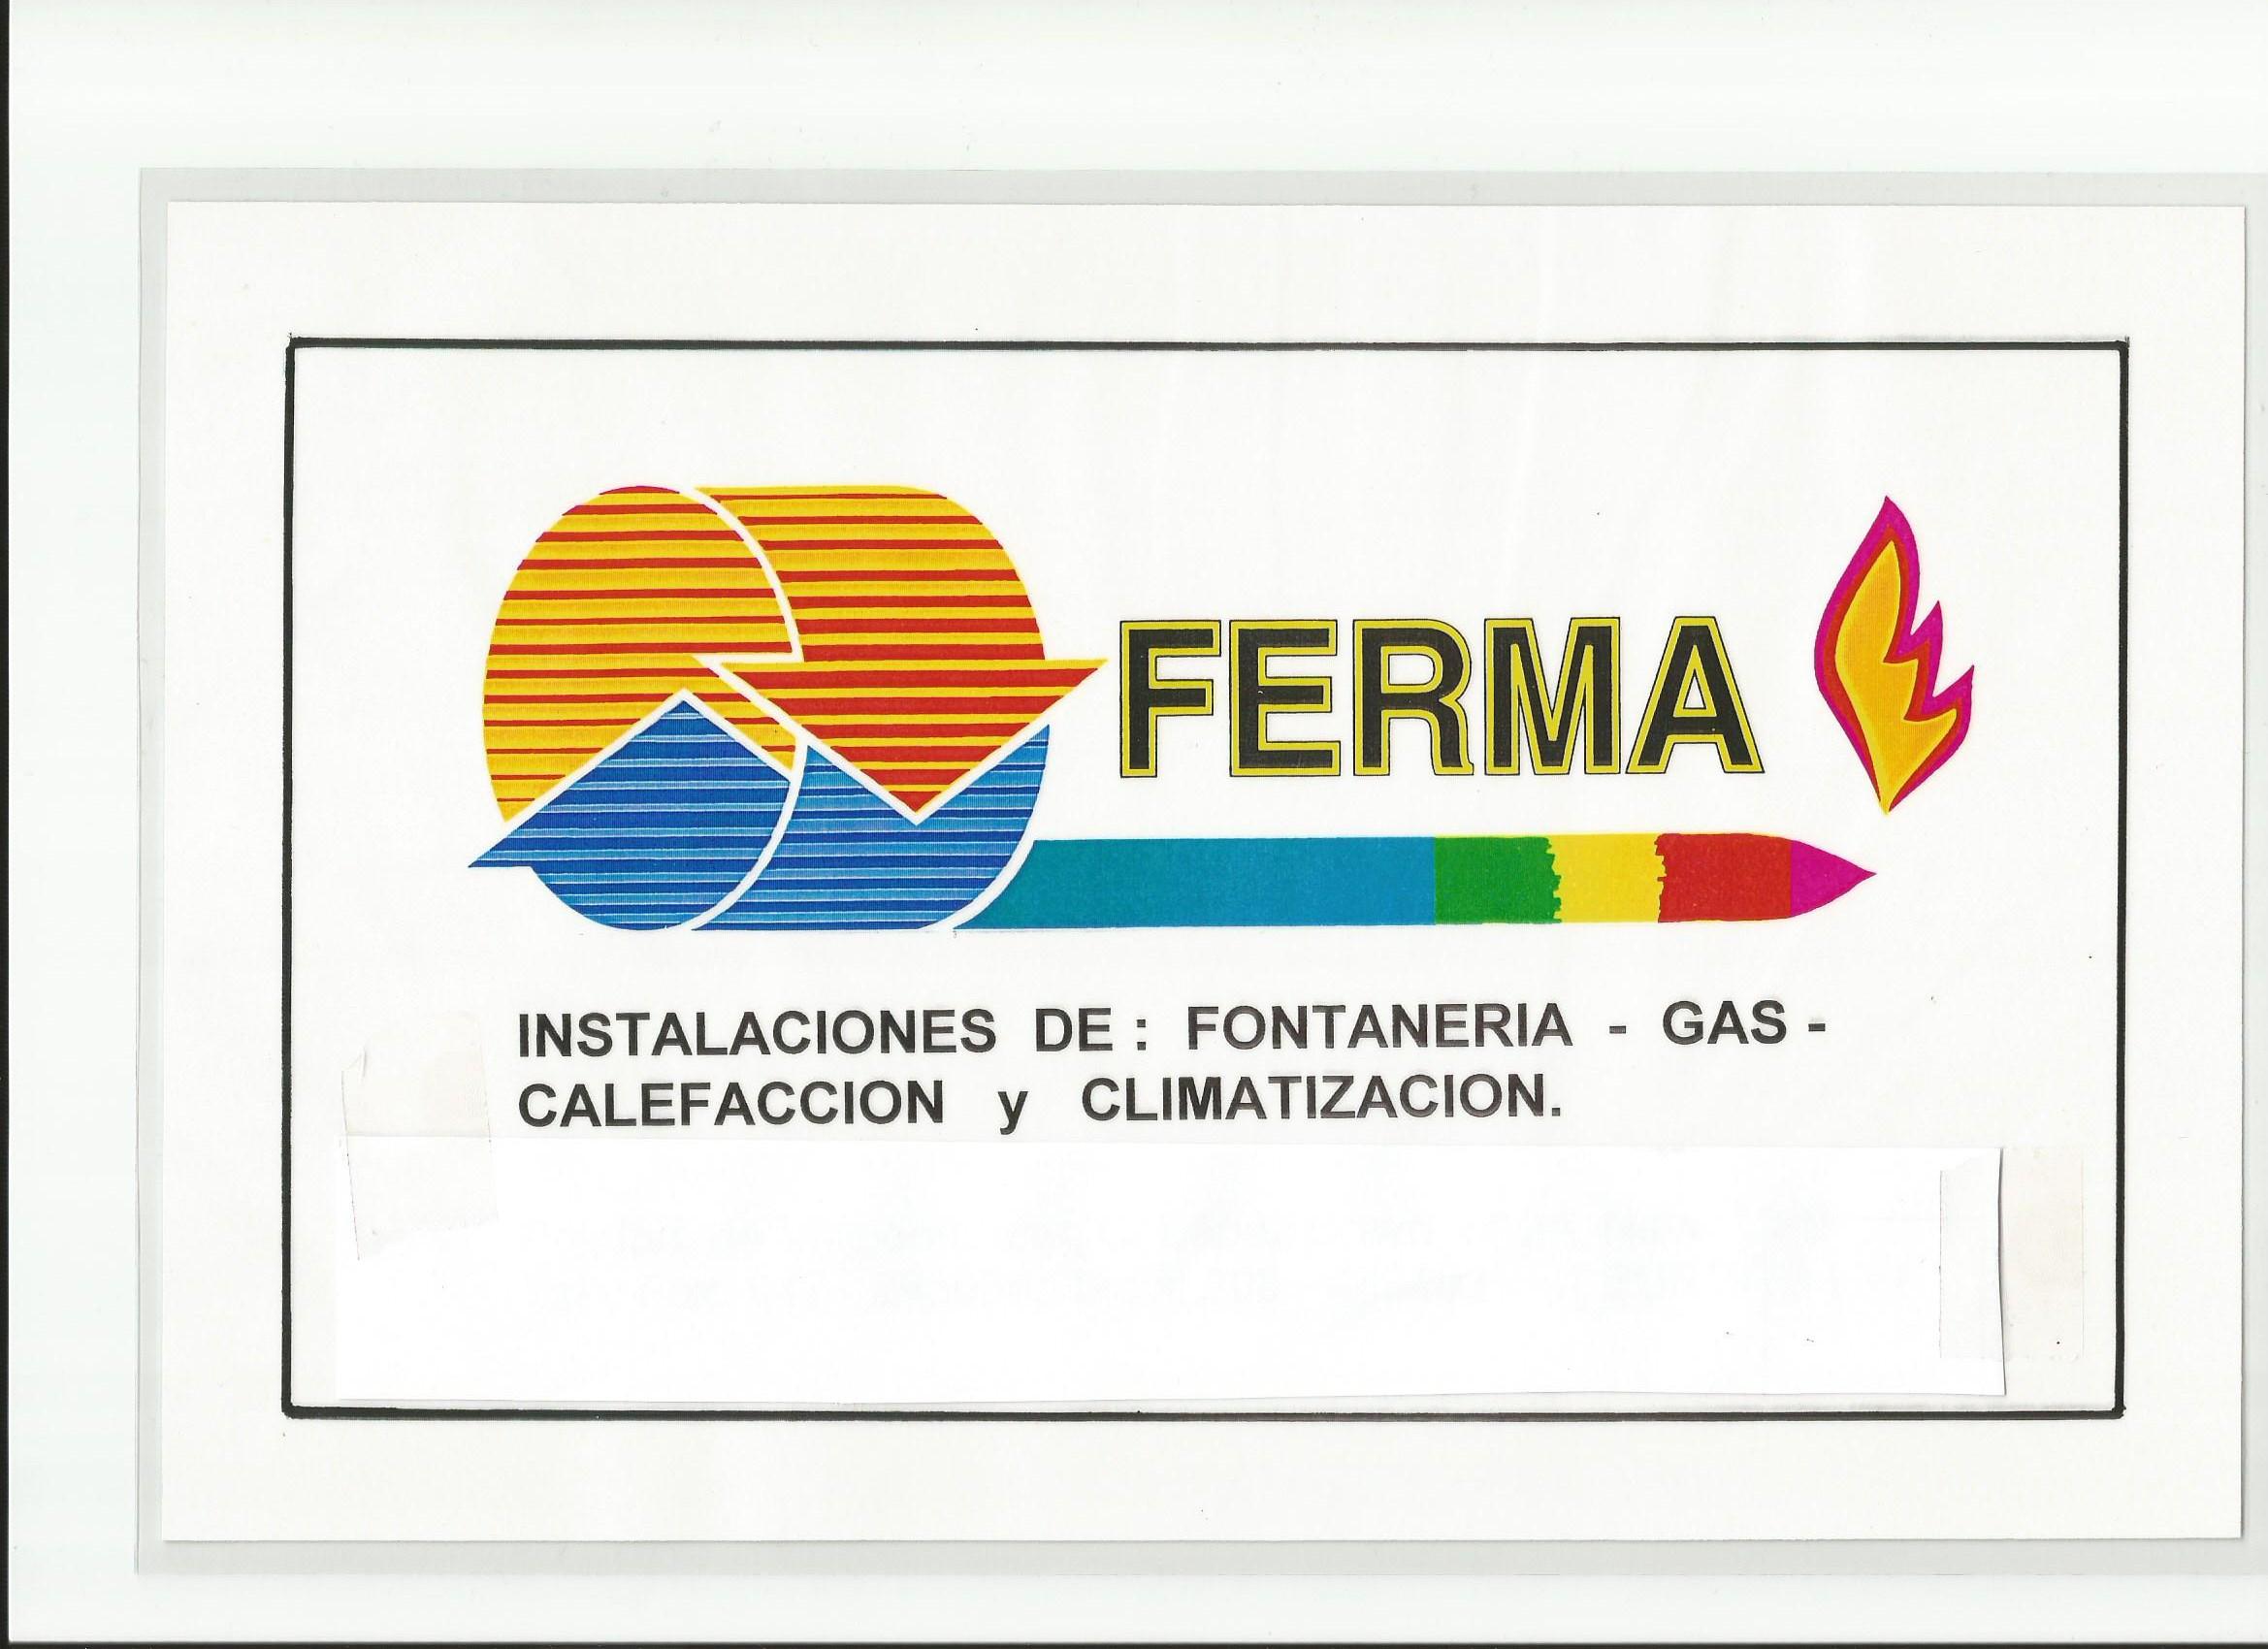 Instalaciones Ferma,s.l